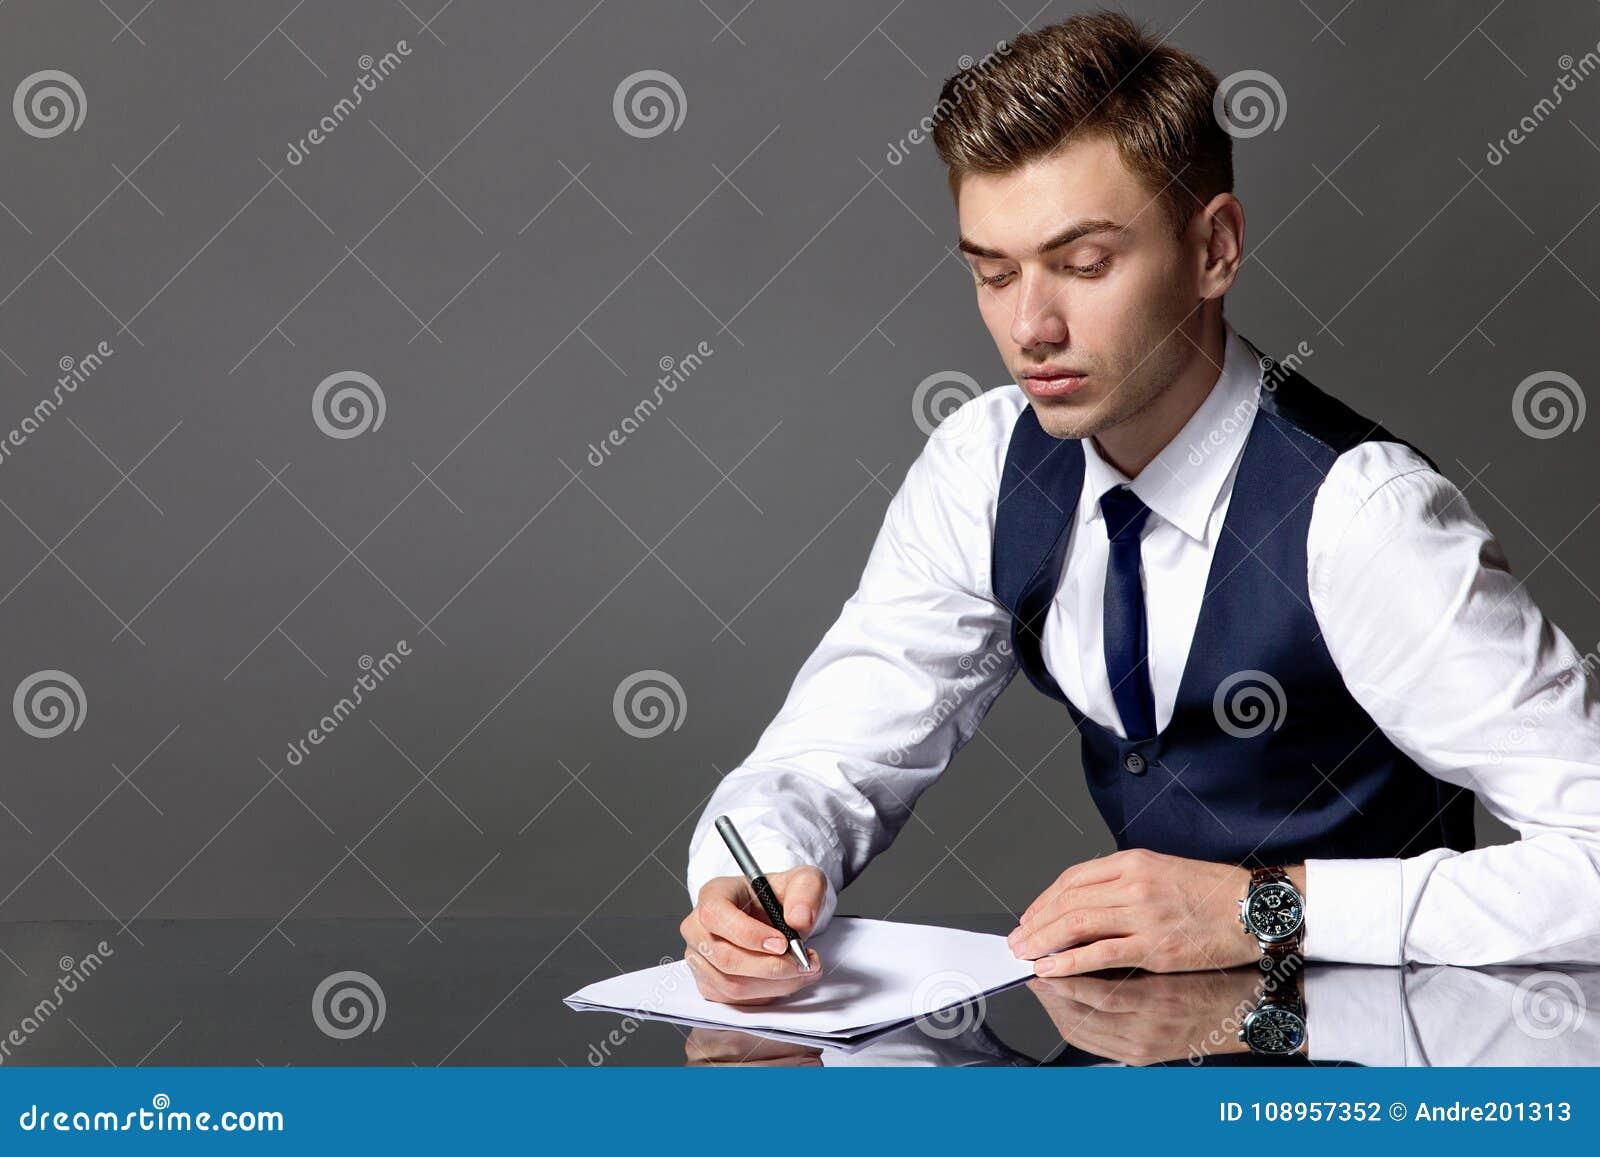 Ένα άτομο σε ένα μπλε γιλέκο και έναν δεσμό κάθεται σε έναν πίνακα και ένα  γράψιμο ed6b9d8845f